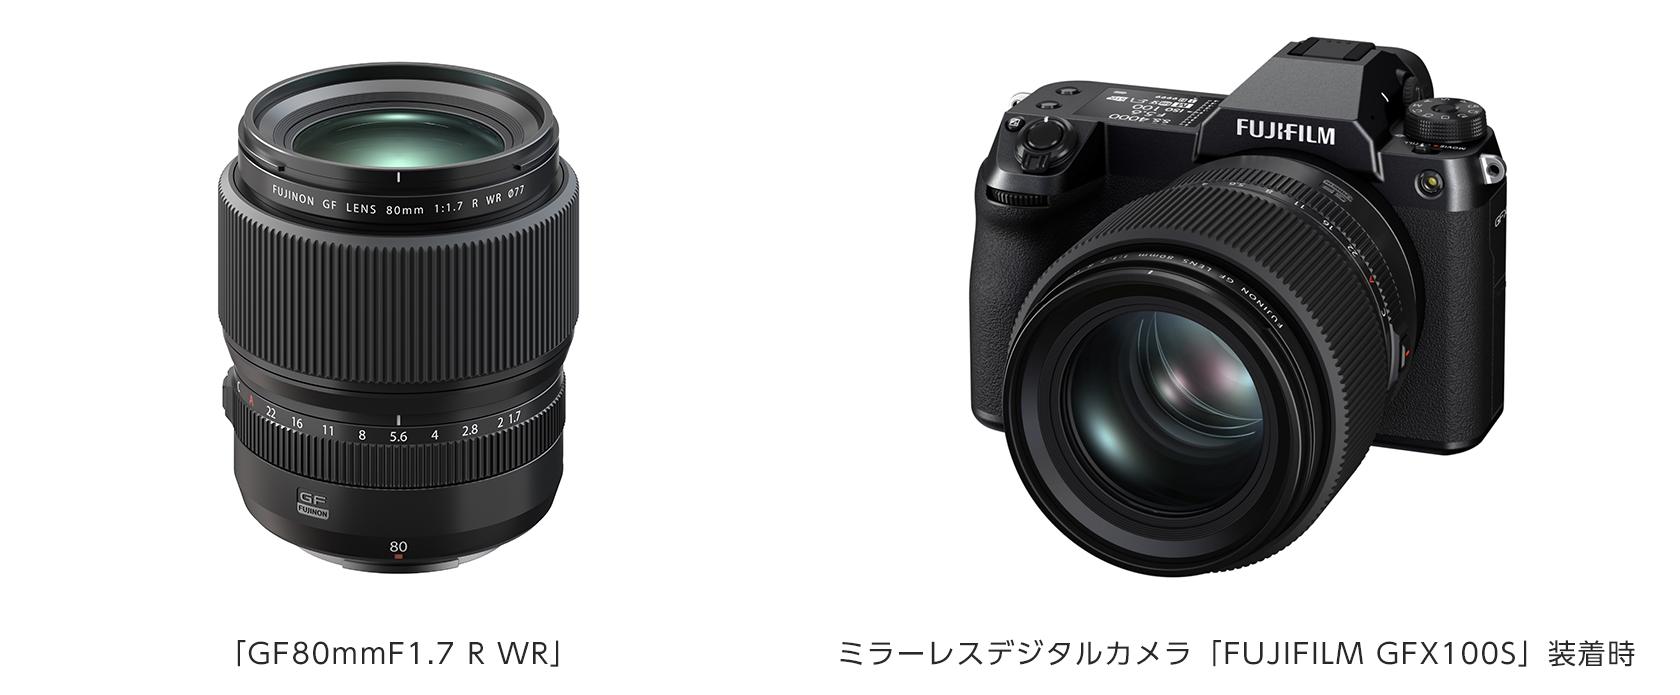 [画像]「GF80mmF1.7 R WR」